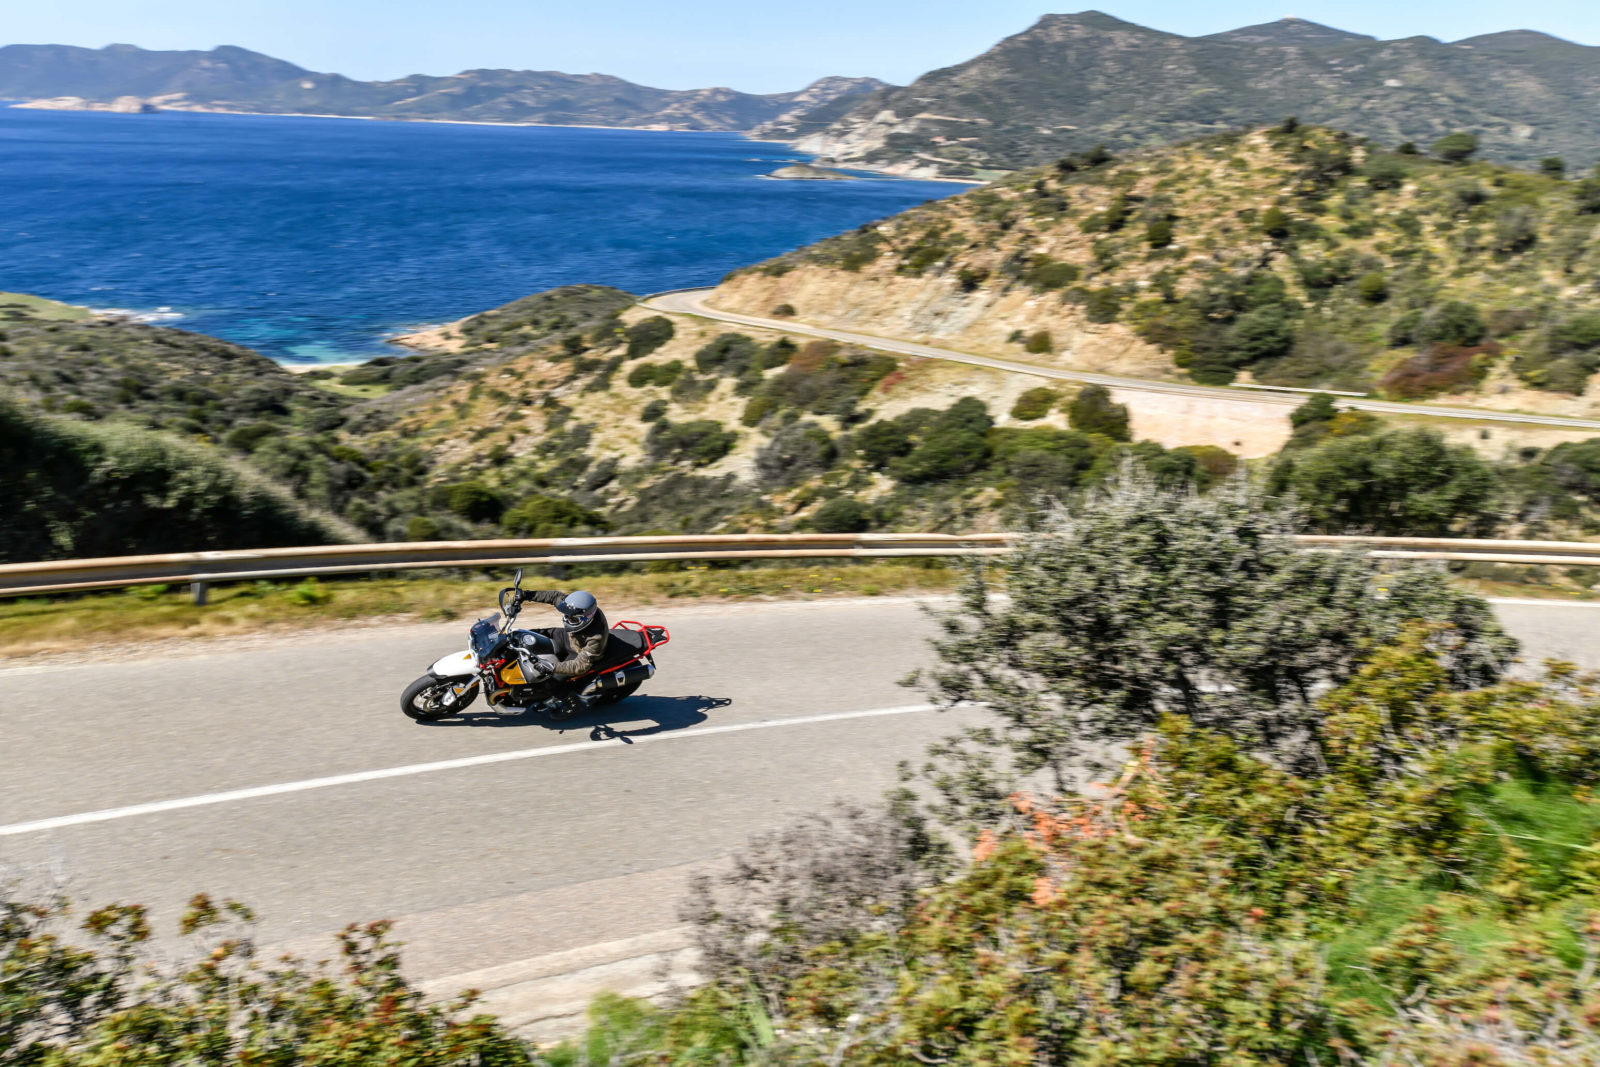 Le test de la Moto Guzzi V85 TT : Notre avis sur cet essai en Sardaigne